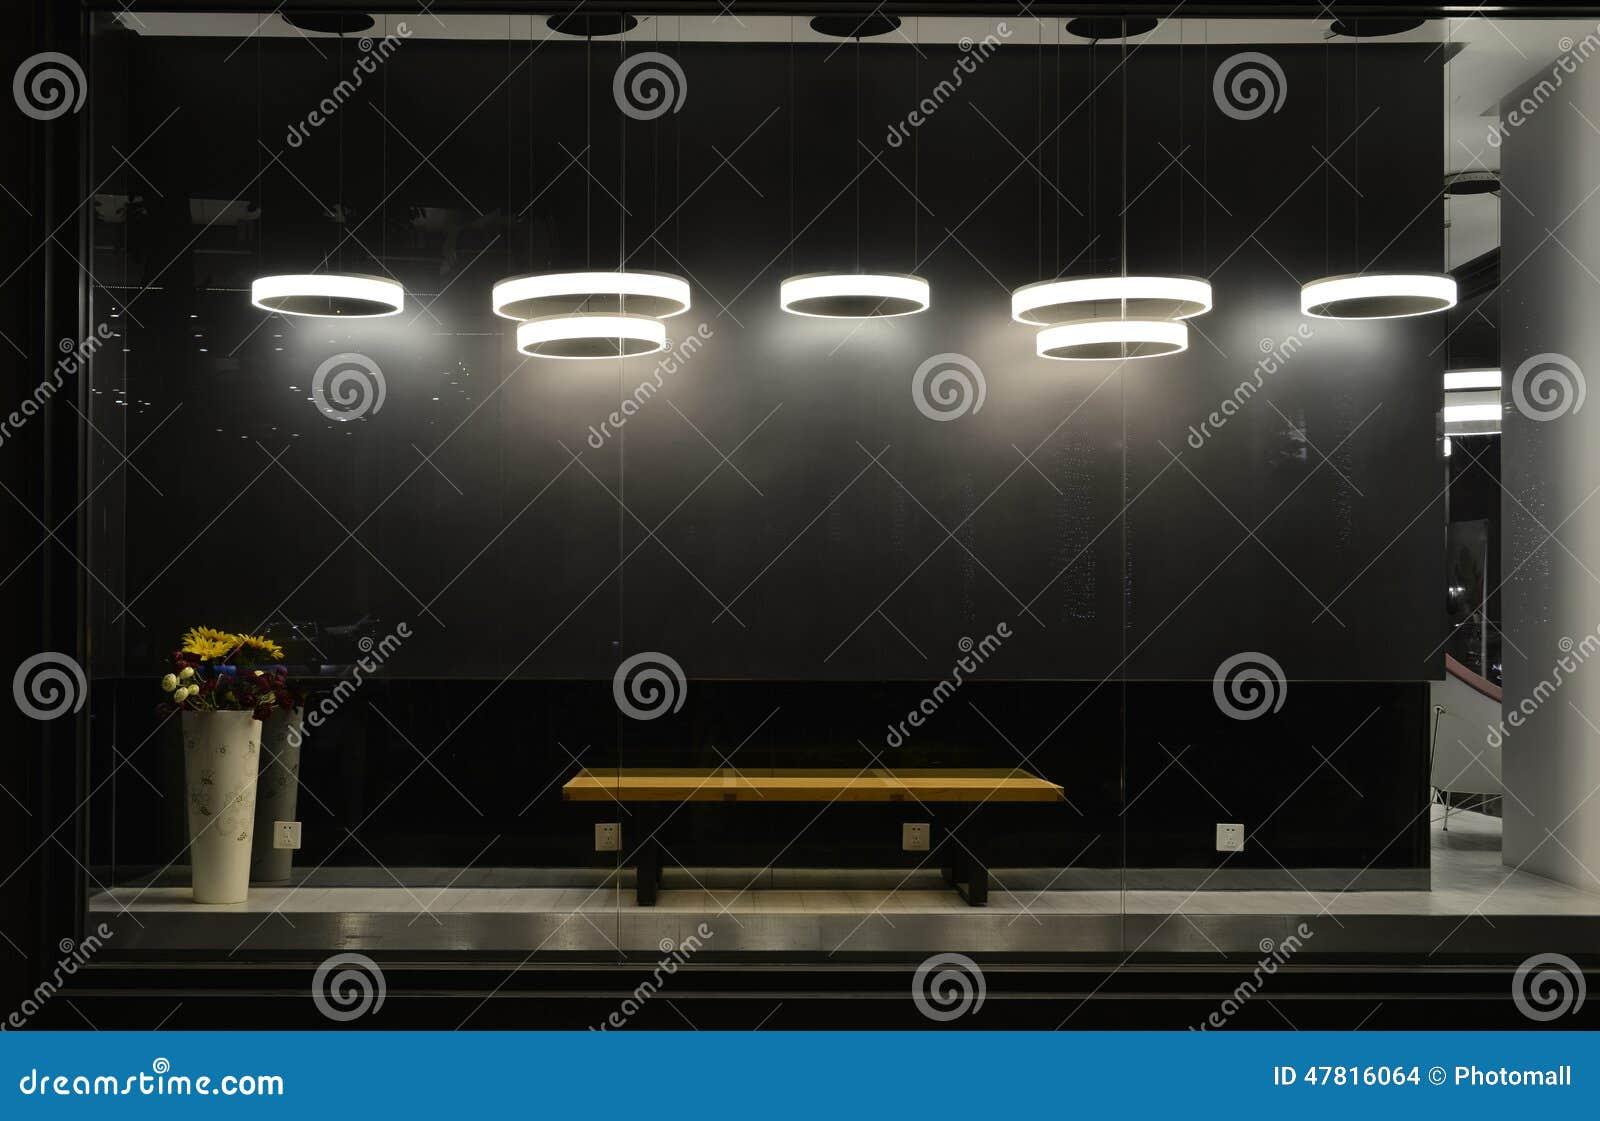 Leeres Schaufenster mit geführten Glühlampen, LED-Lampe benutzt im Shopfenster, Handelsdekoration, schwarzer grauer Hintergrund